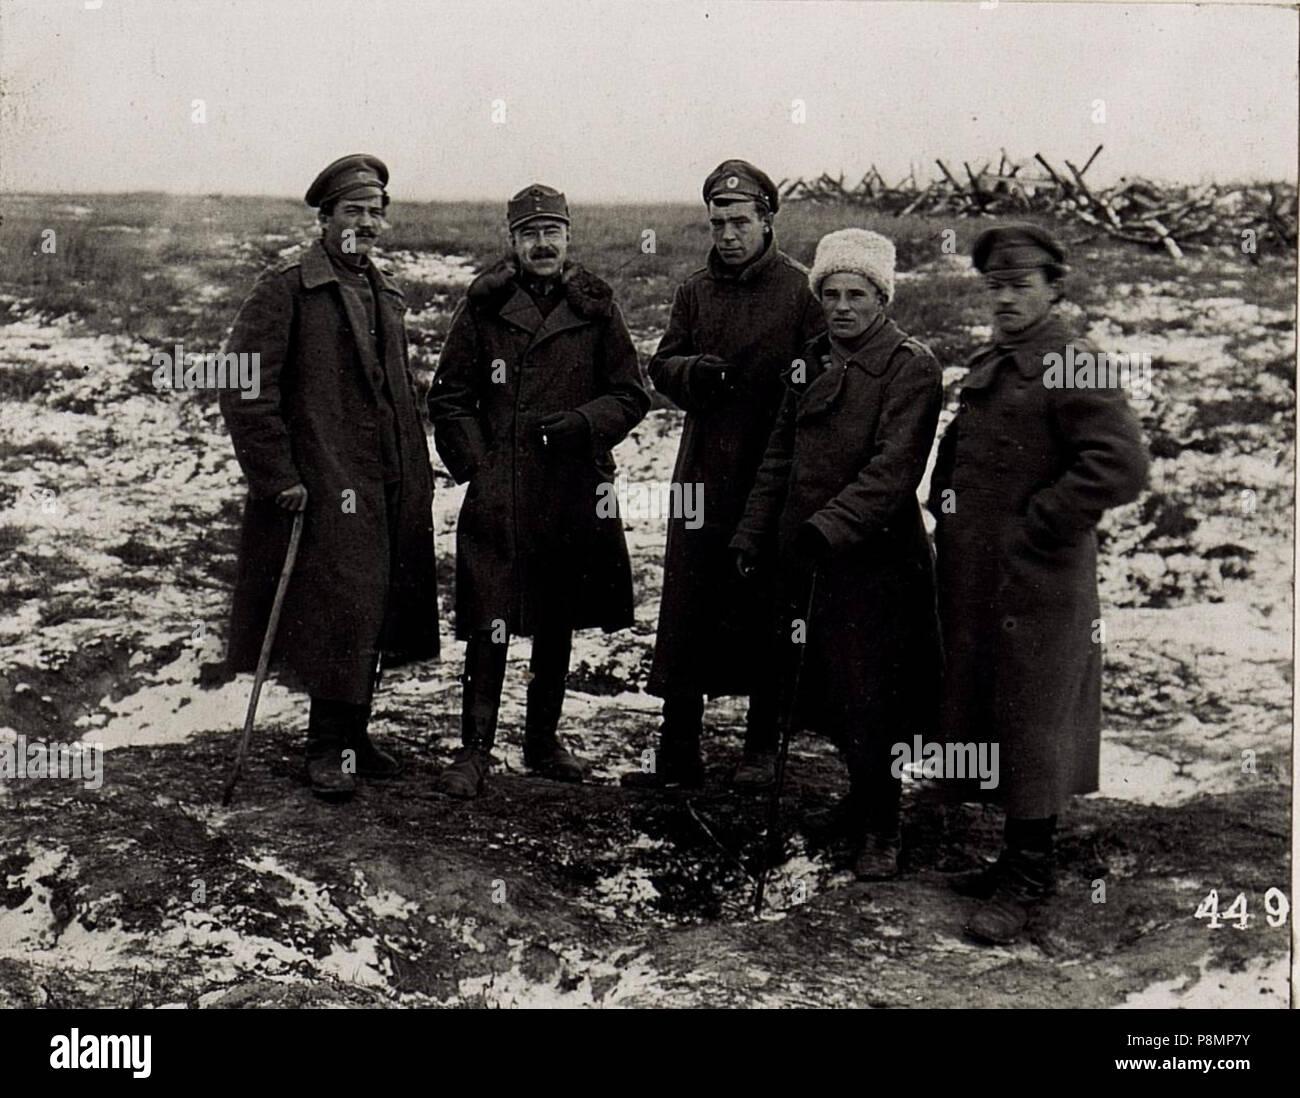 592 Österreichische und russische Mannschaften am der Front (BildID 15705118) Stock Photo